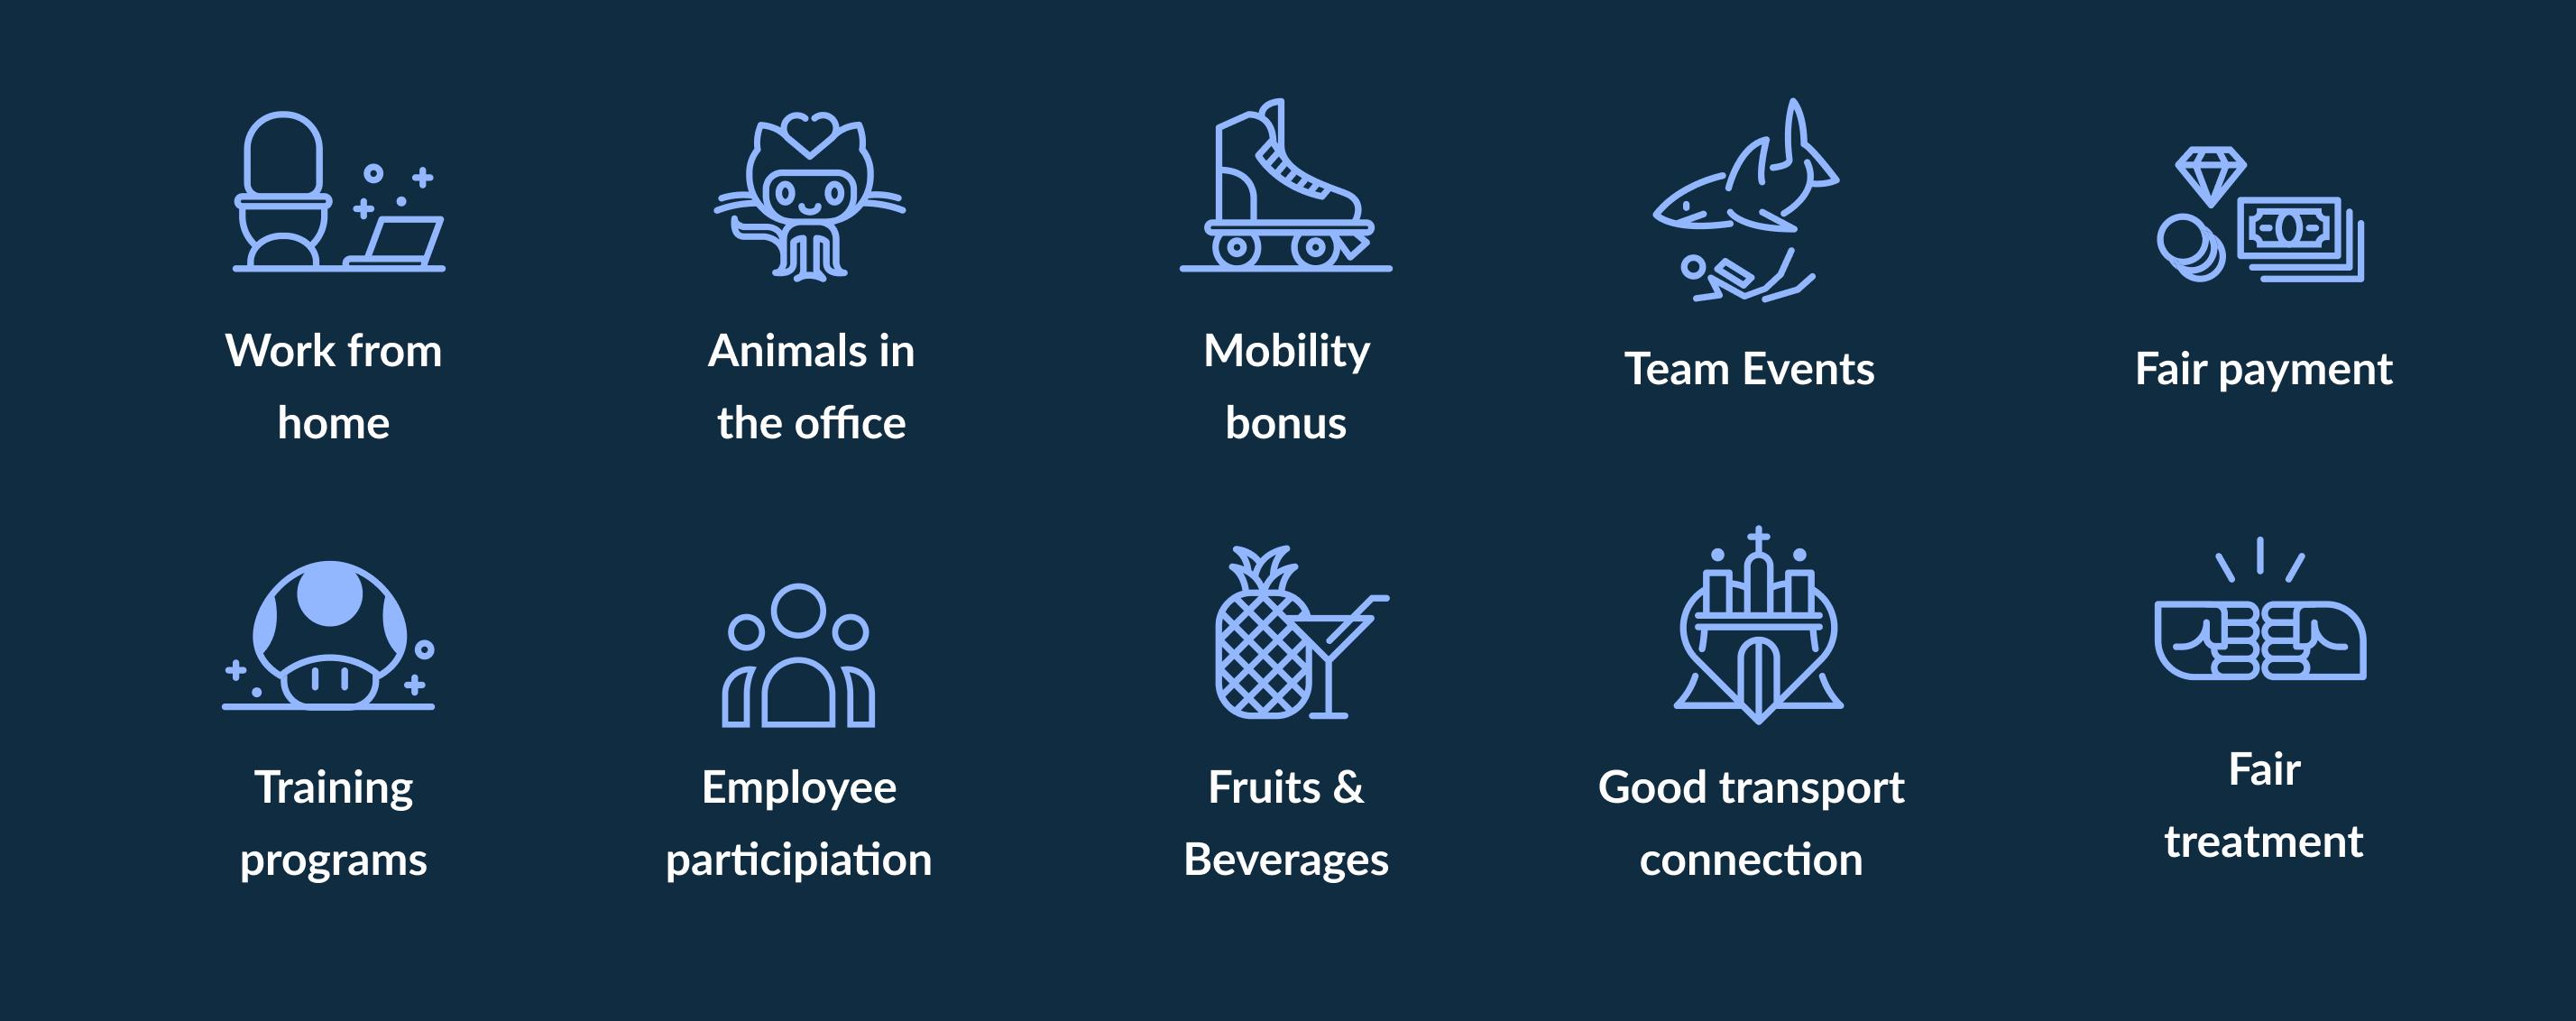 Benefits_icons